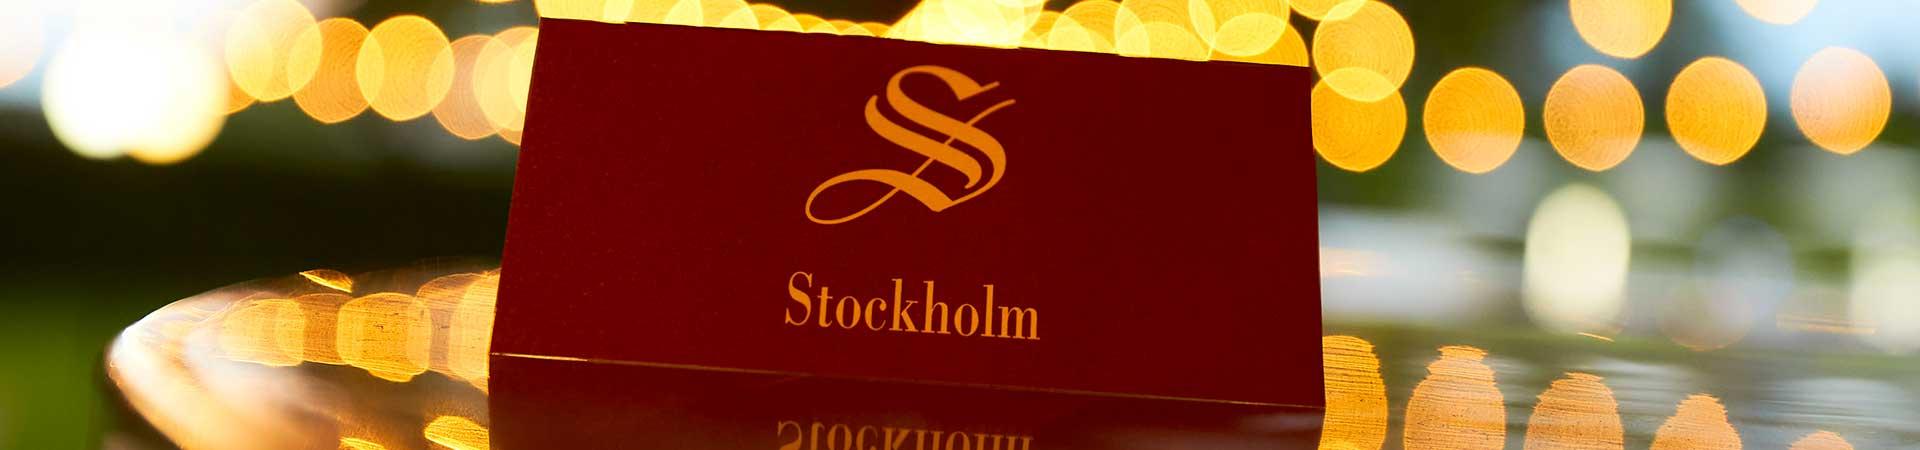 STOCKHOLM-HOTEL